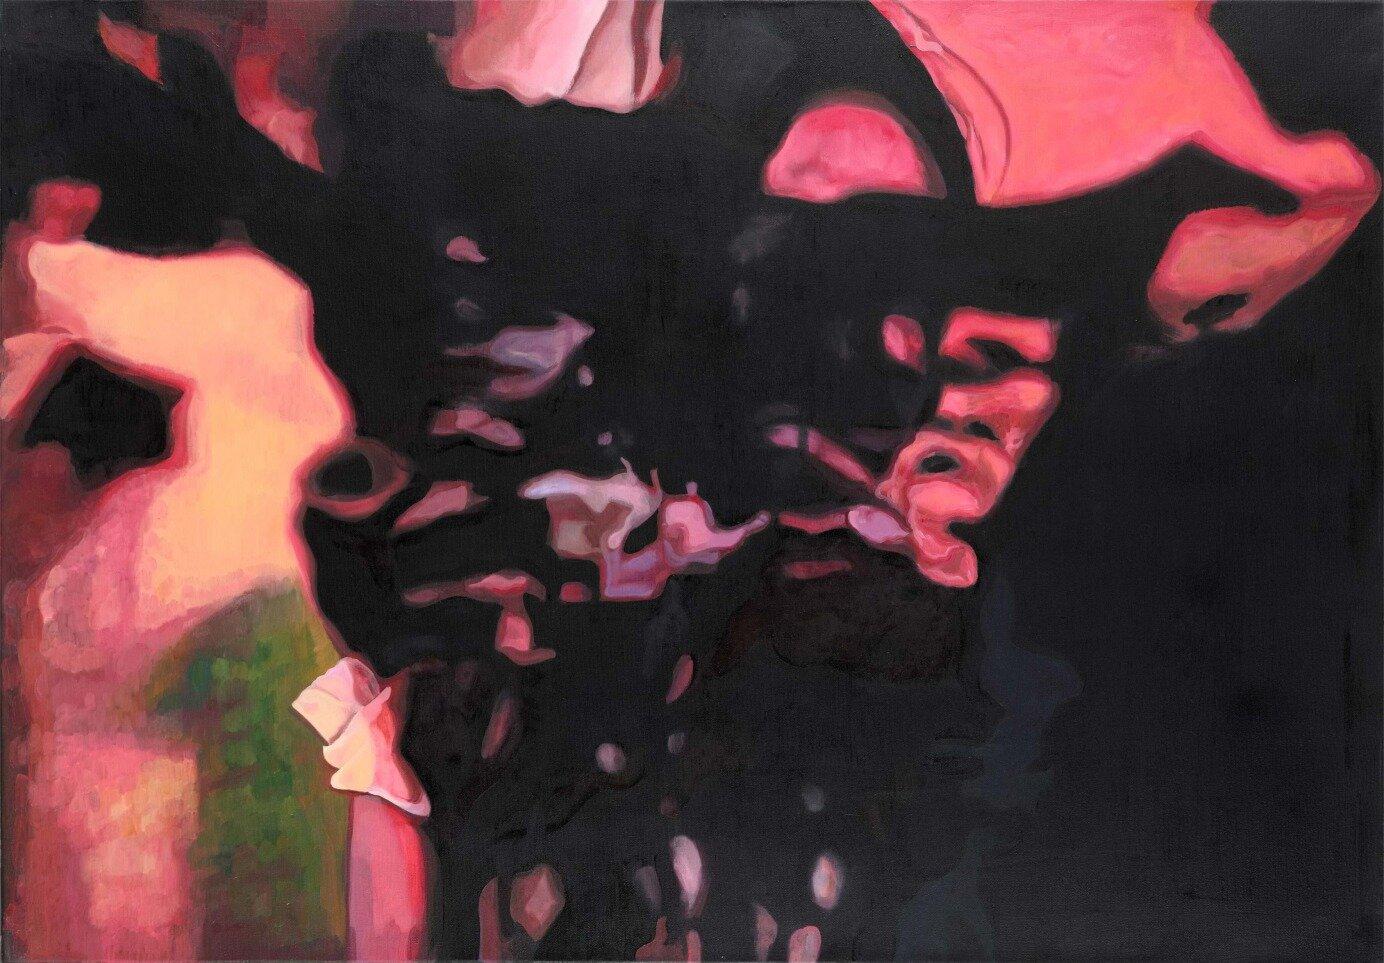 Doppelgänger, 80 x 115 cm,  oil on canvas, 2017